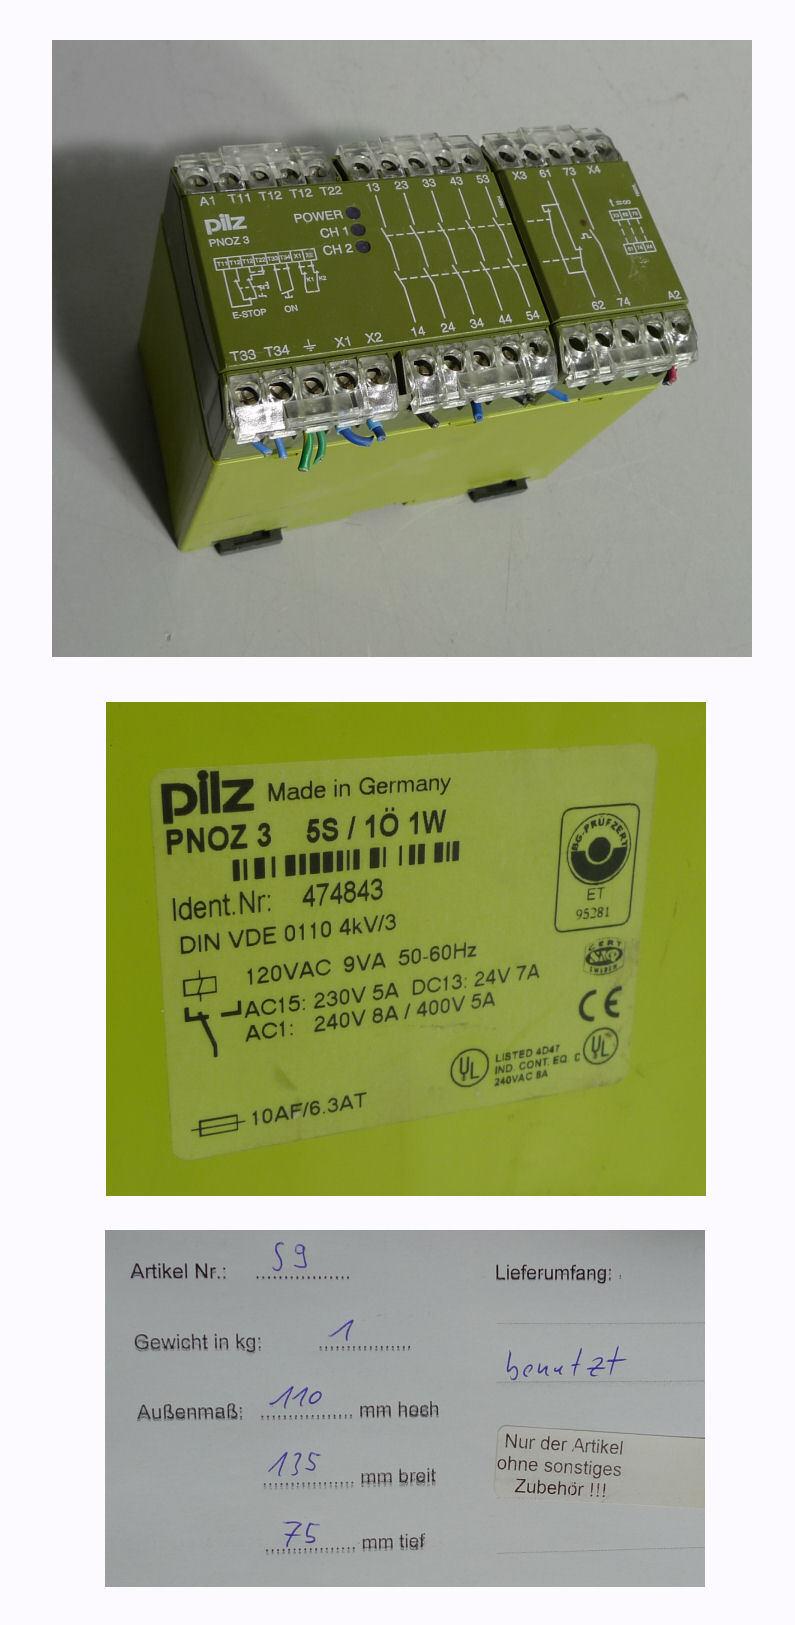 Pilz Pnoz 3 474843 120V